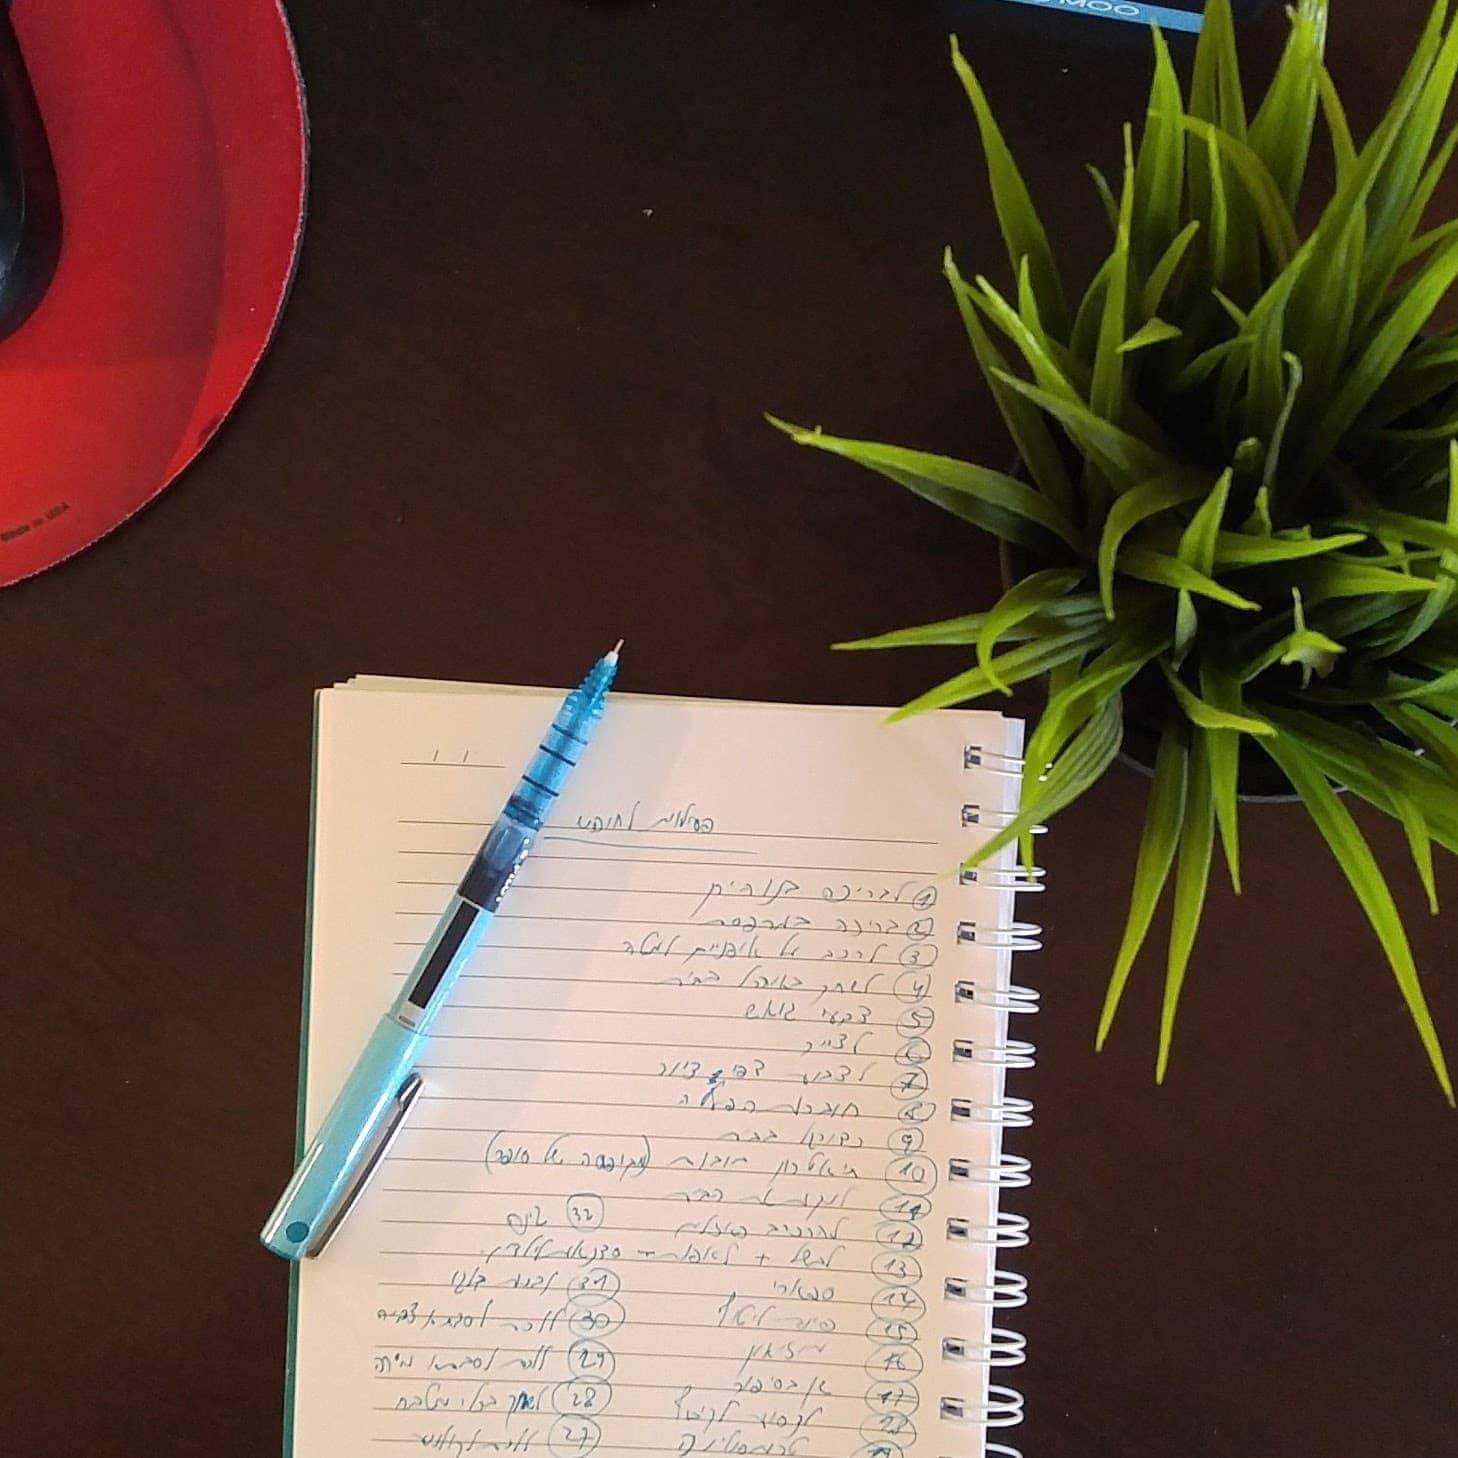 מחברת הרעיונות שלי עם כל הרעיונות שעלו לנו תוך כדי ארוחת צהריים עם הבנות